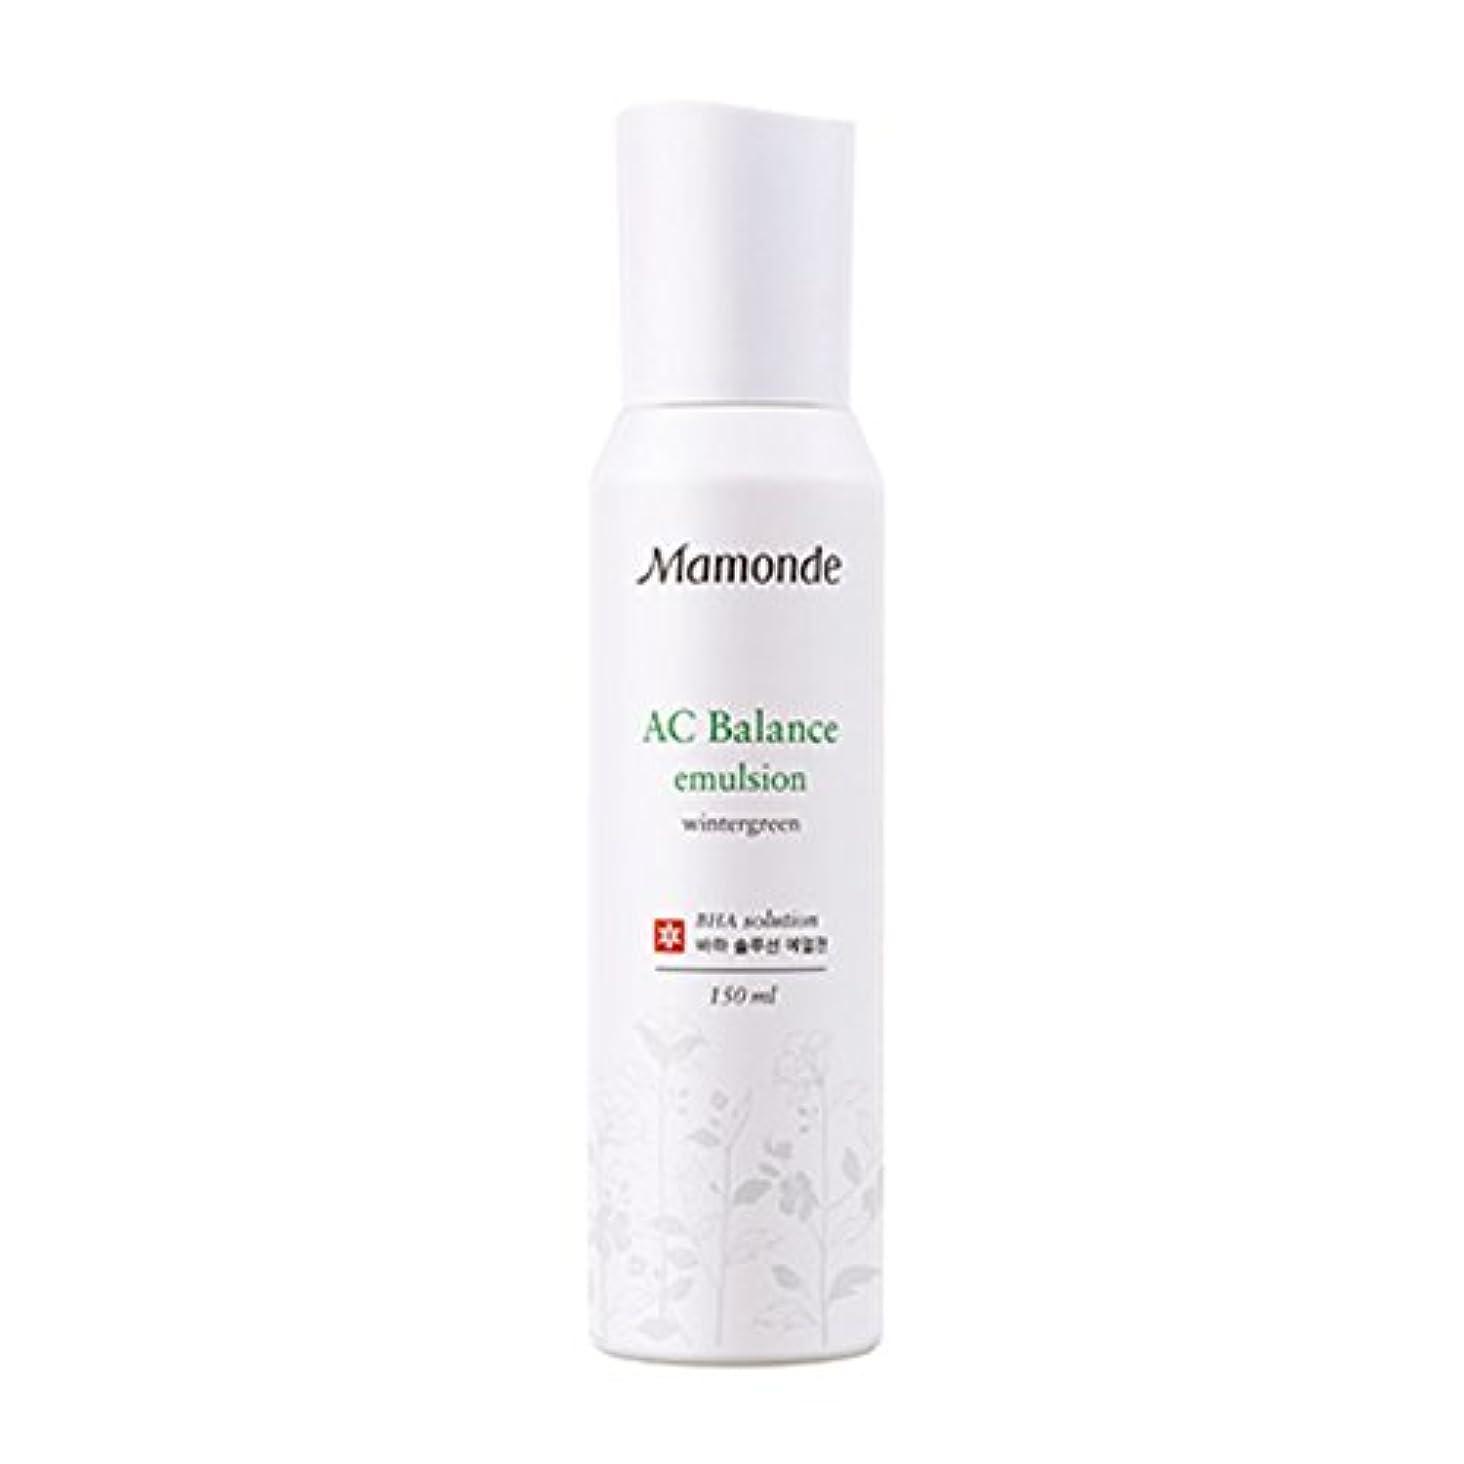 一月後退するゴム[New] Mamonde AC Balance Emulsion 150ml/マモンド AC バランス エマルジョン 150ml [並行輸入品]